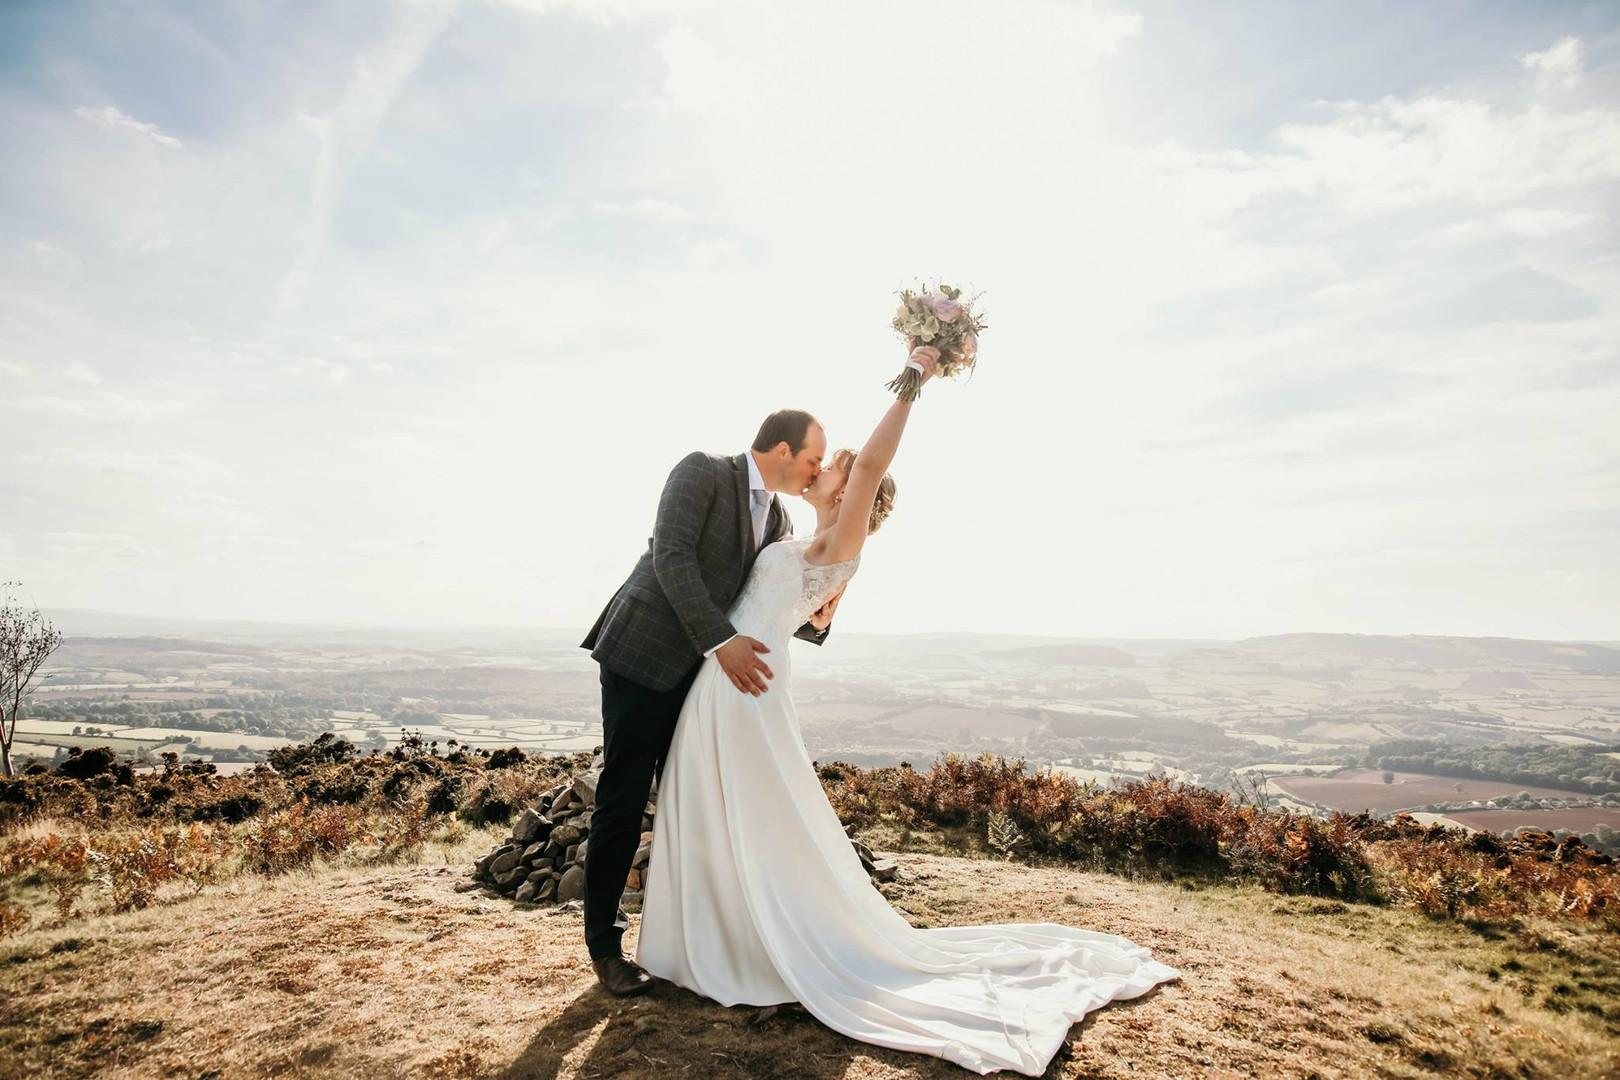 Mr & Mrs Marks